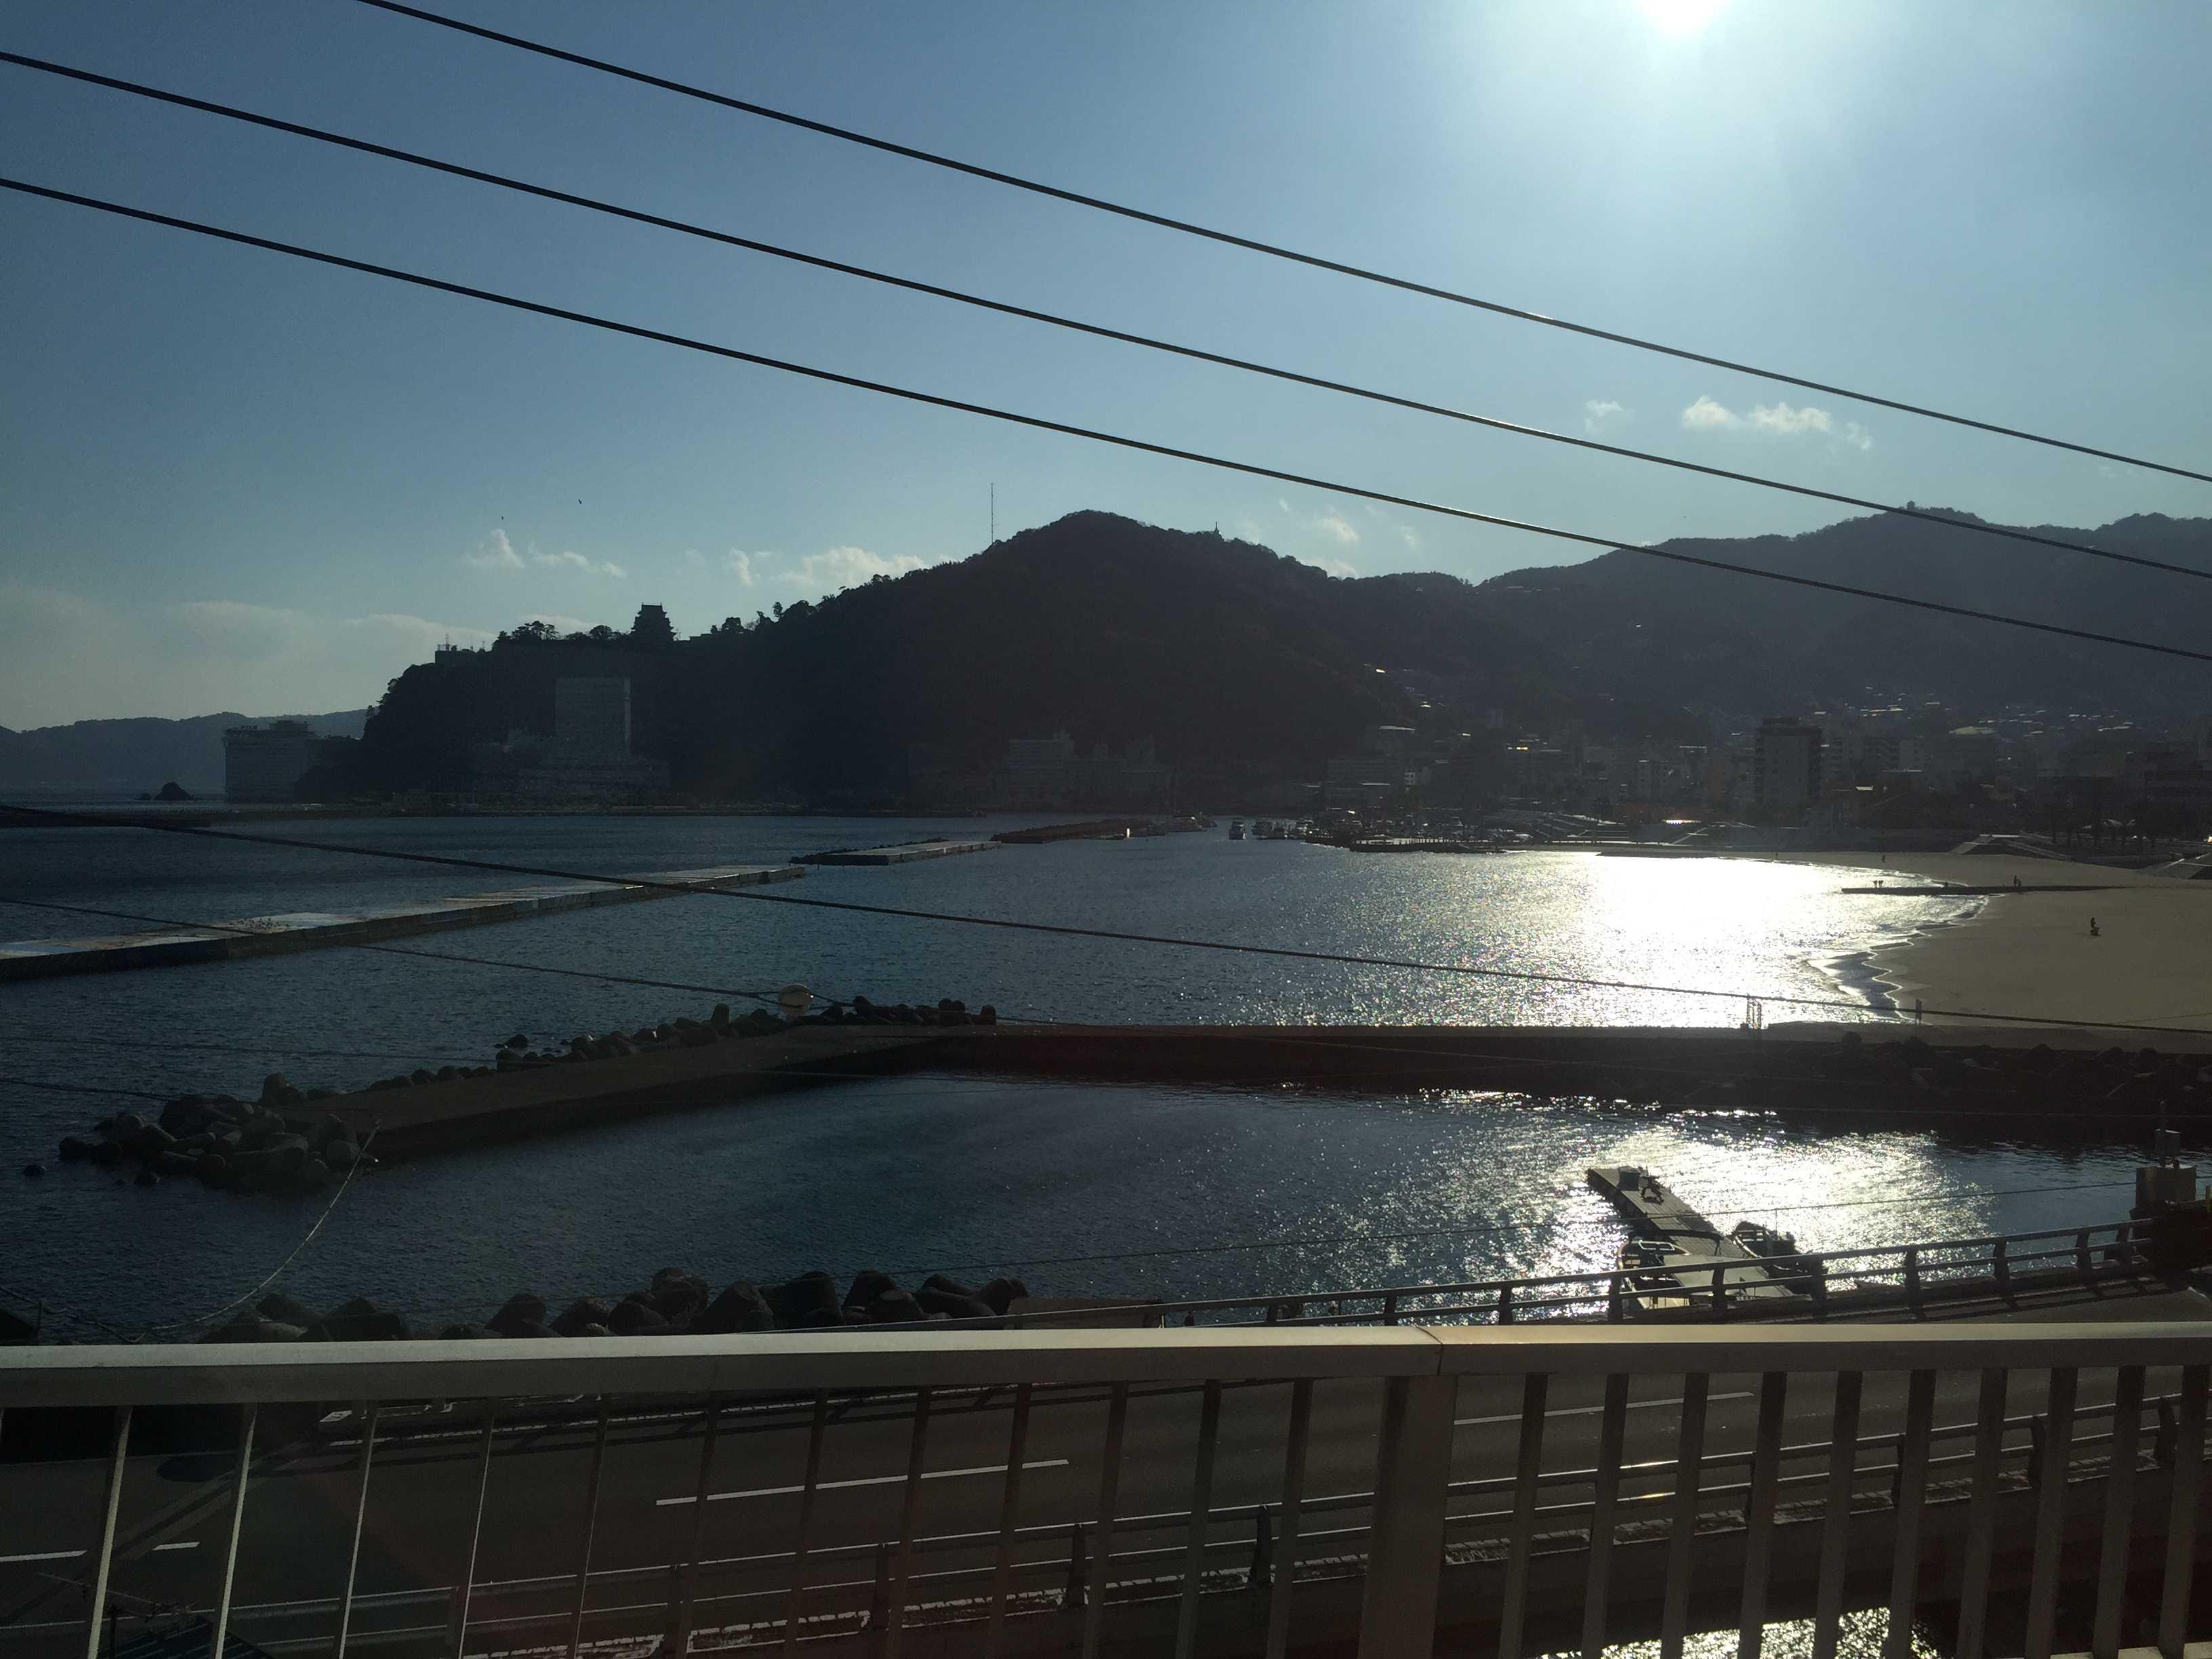 伊豆東海バスの車窓 - 光り輝く熱海港